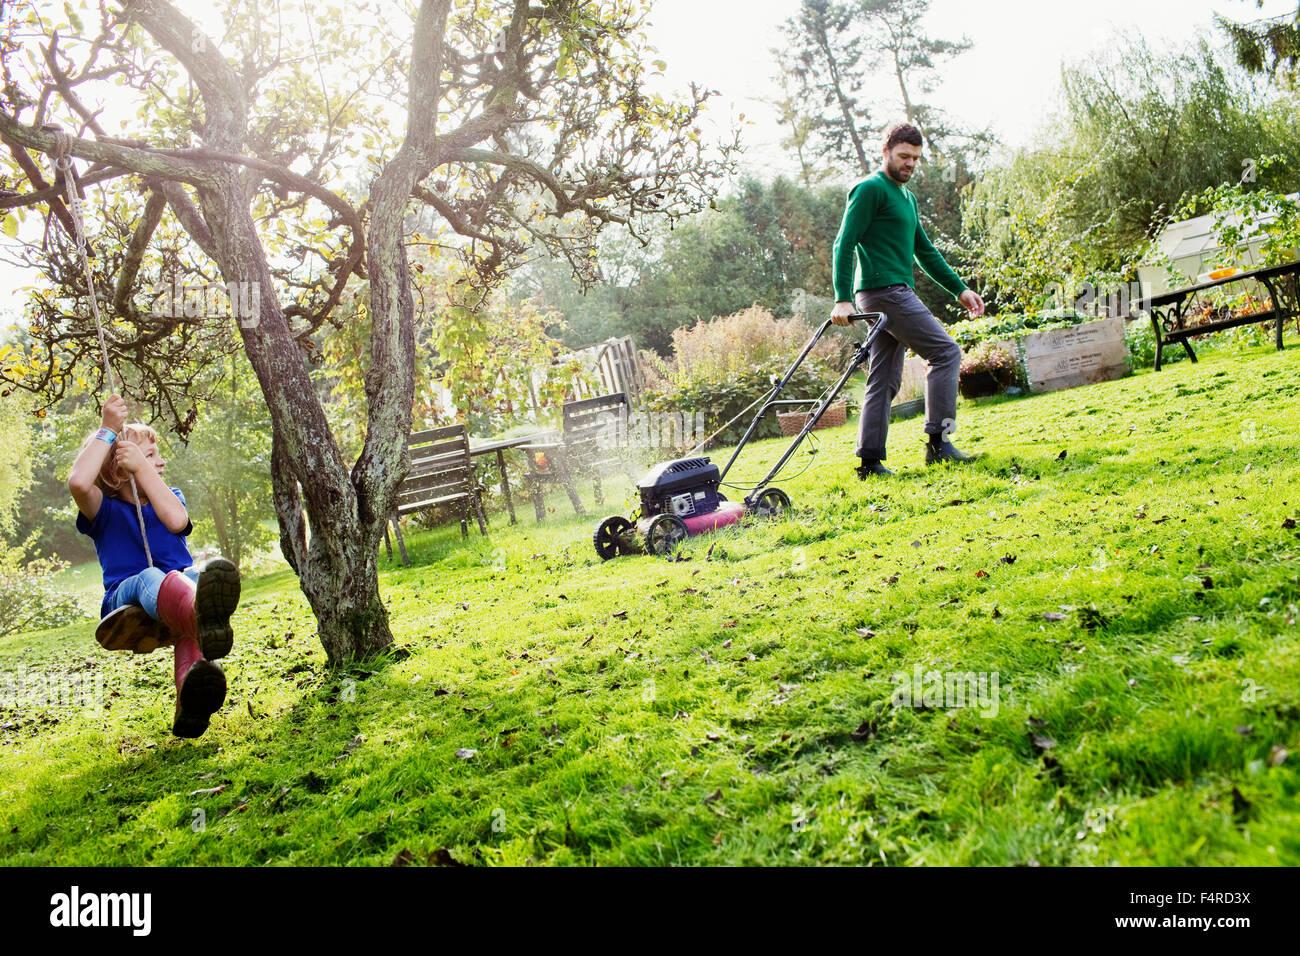 Suecia, Skane, Osterlen, Borrby, padre e hijo (4-5) en el jardín interno Imagen De Stock